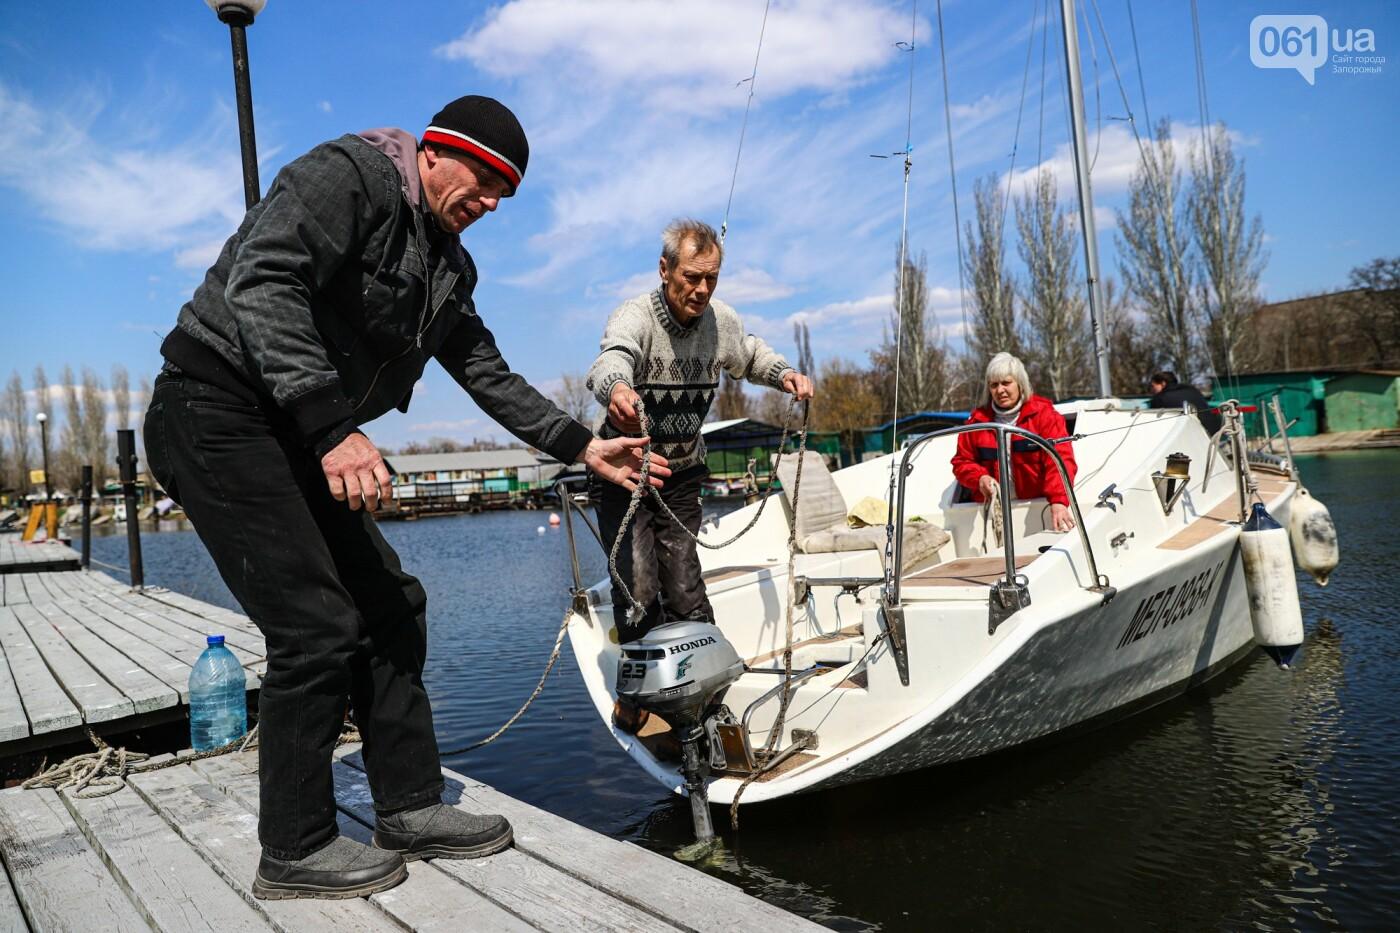 «Семь футов под килем!»: как в запорожском яхт-клубе спускали судна на воду, - ФОТОРЕПОРТАЖ , фото-60